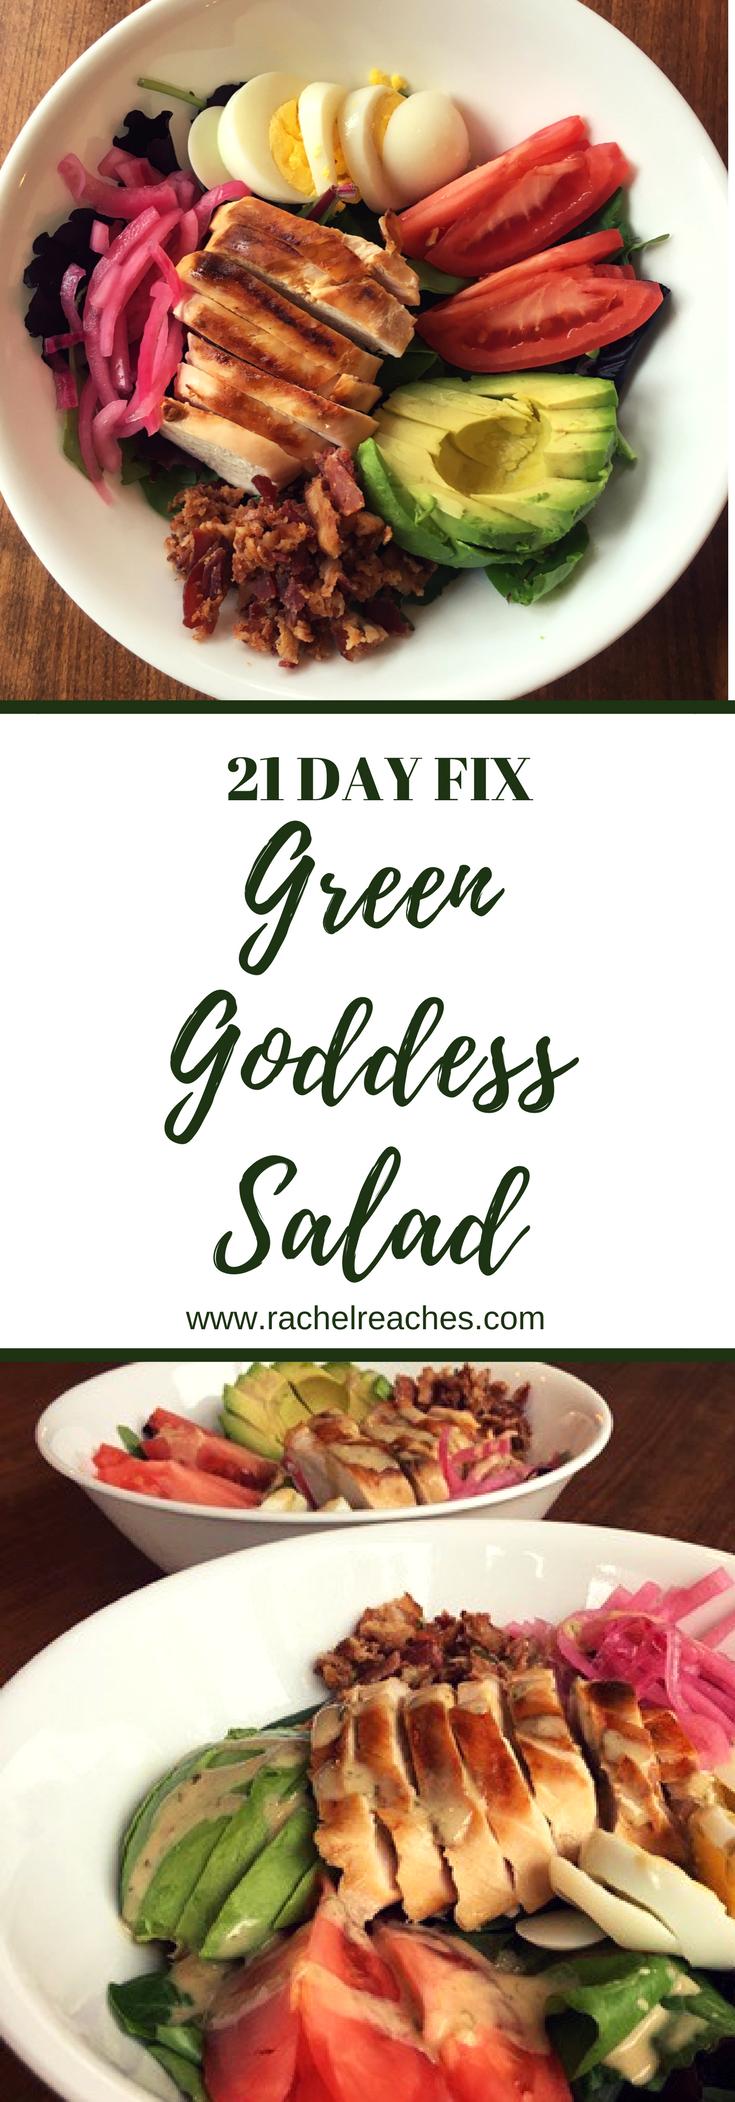 Copycat Panera Green Goddess Pinterest Pin - 21 Day Fix.png